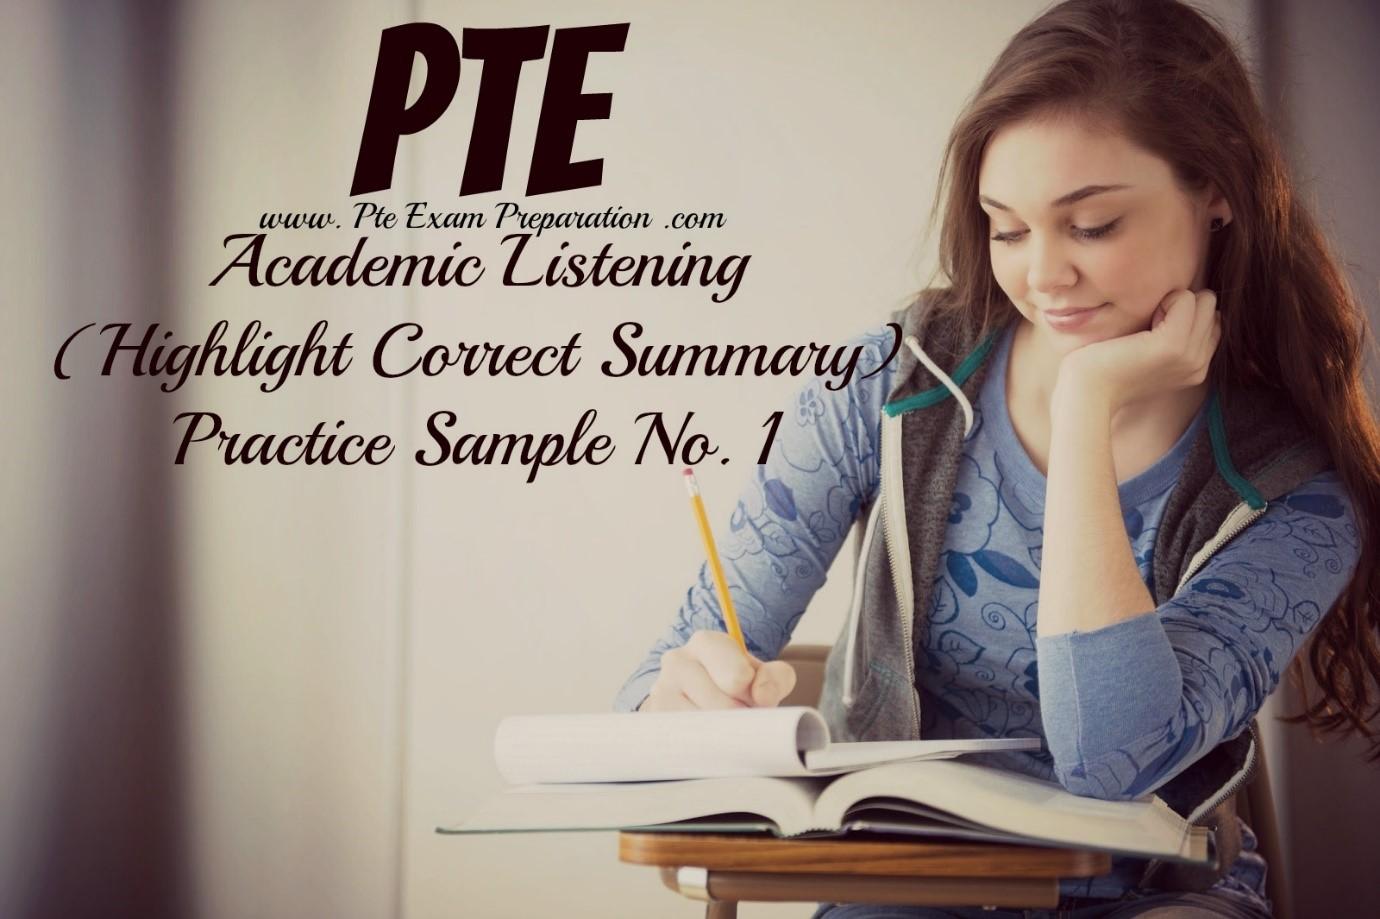 highlight correct summary آزمون پی تی ای - کالج آریام